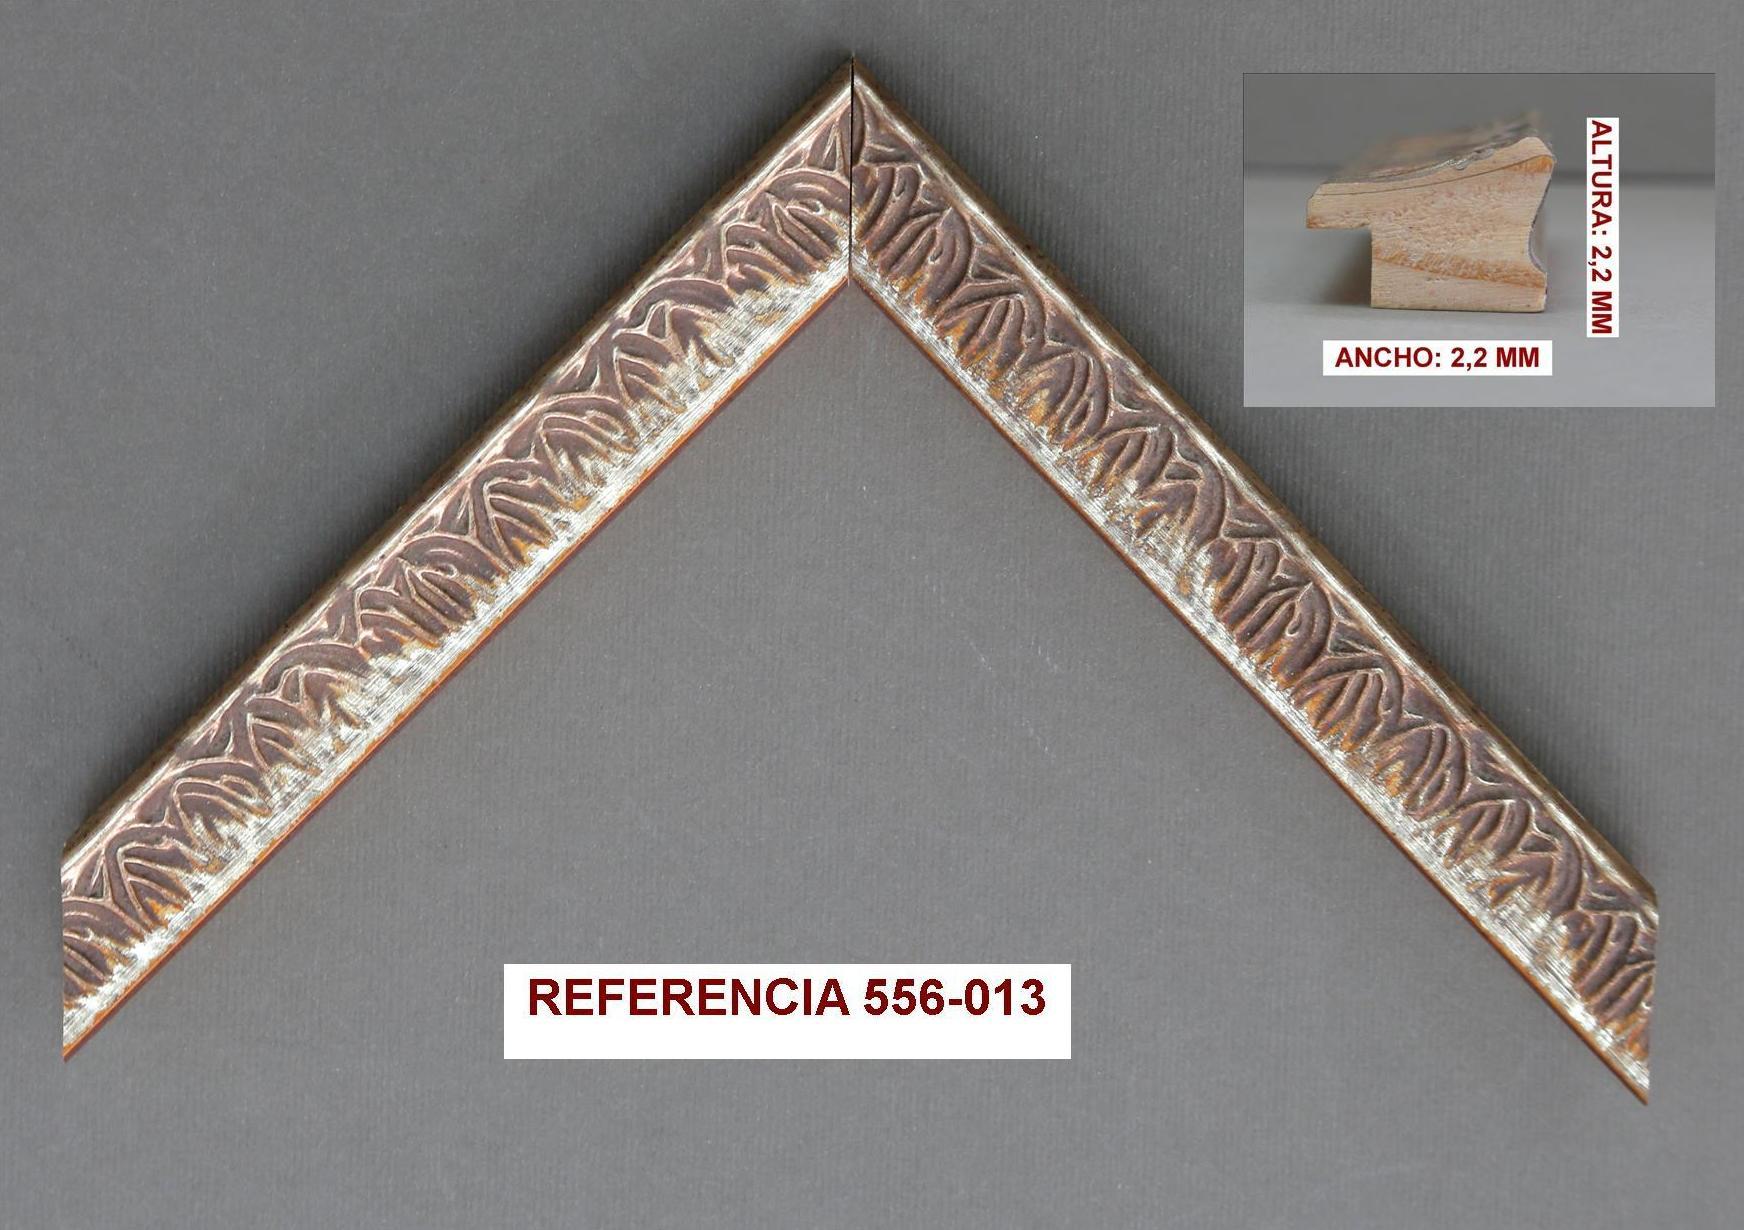 REF 556-013: Muestrario de Moldusevilla